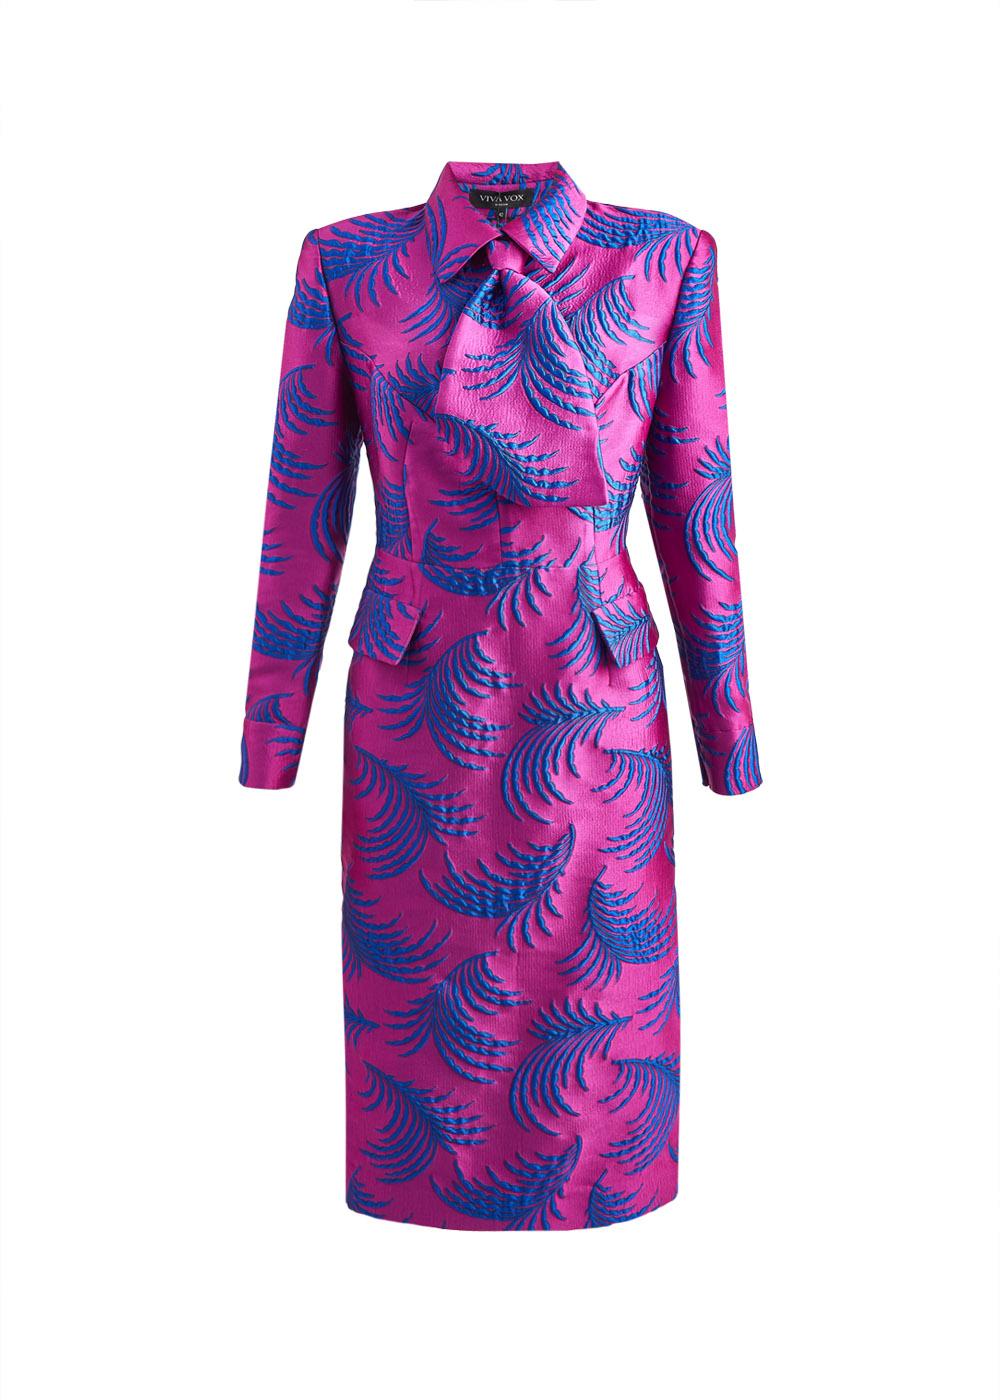 Купить Viva Vox платье